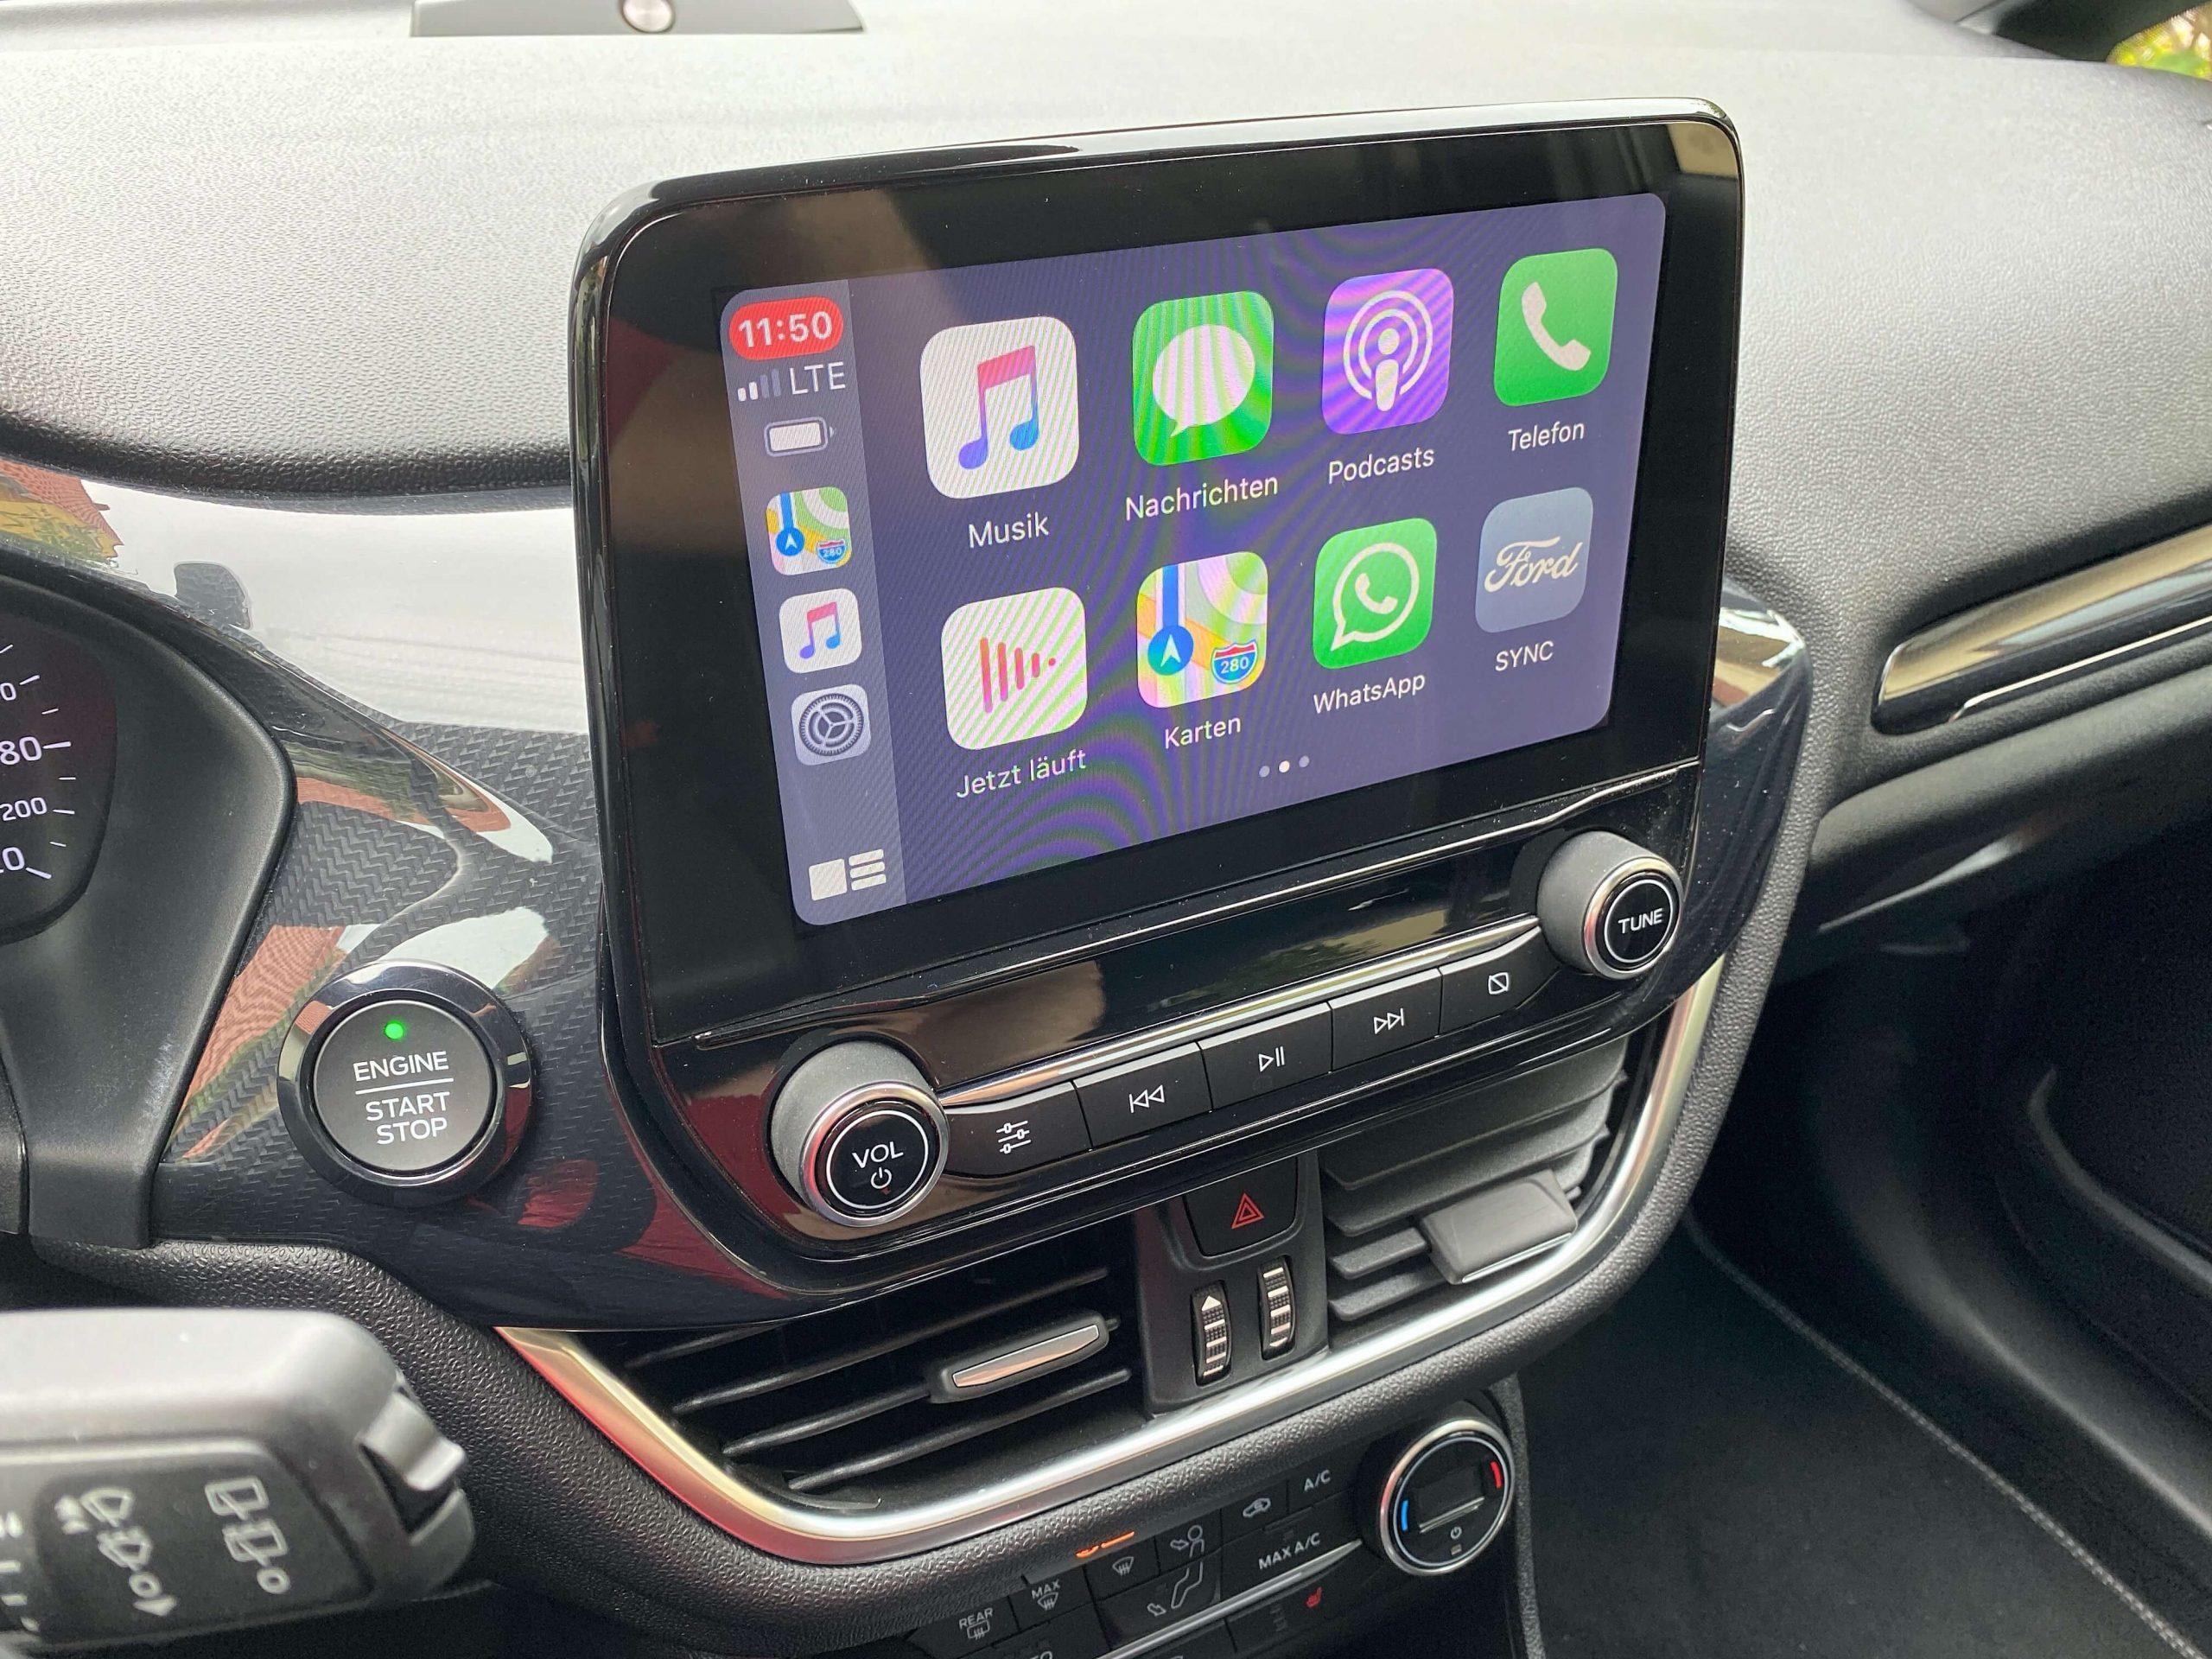 Wireless-CarPlay-Adapter-von-Carlinkit-vorhandenem-Apple-CarPlay-das-Kabel-nehmen3-scaled Wireless CarPlay Adapter von Carlinkit  - vorhandenes Apple CarPlay kabellos machen